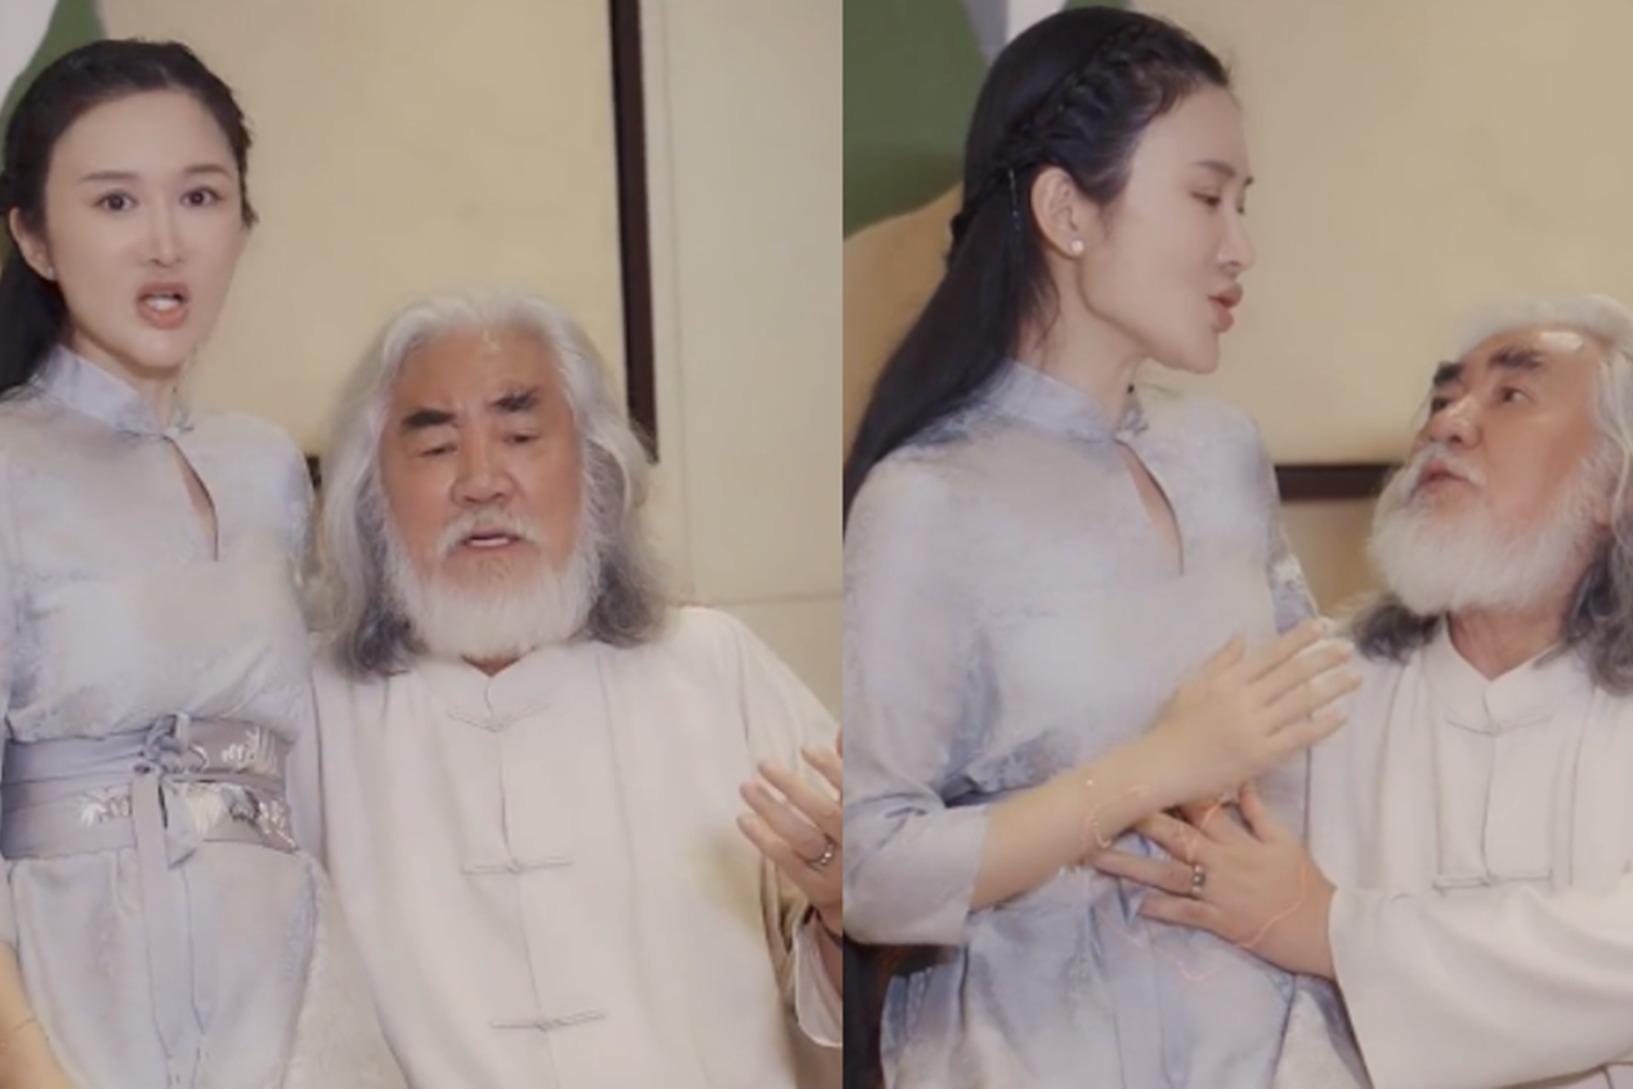 70岁张纪中秀恩爱,搂着小31岁娇妻对唱情歌,网友直呼受不了